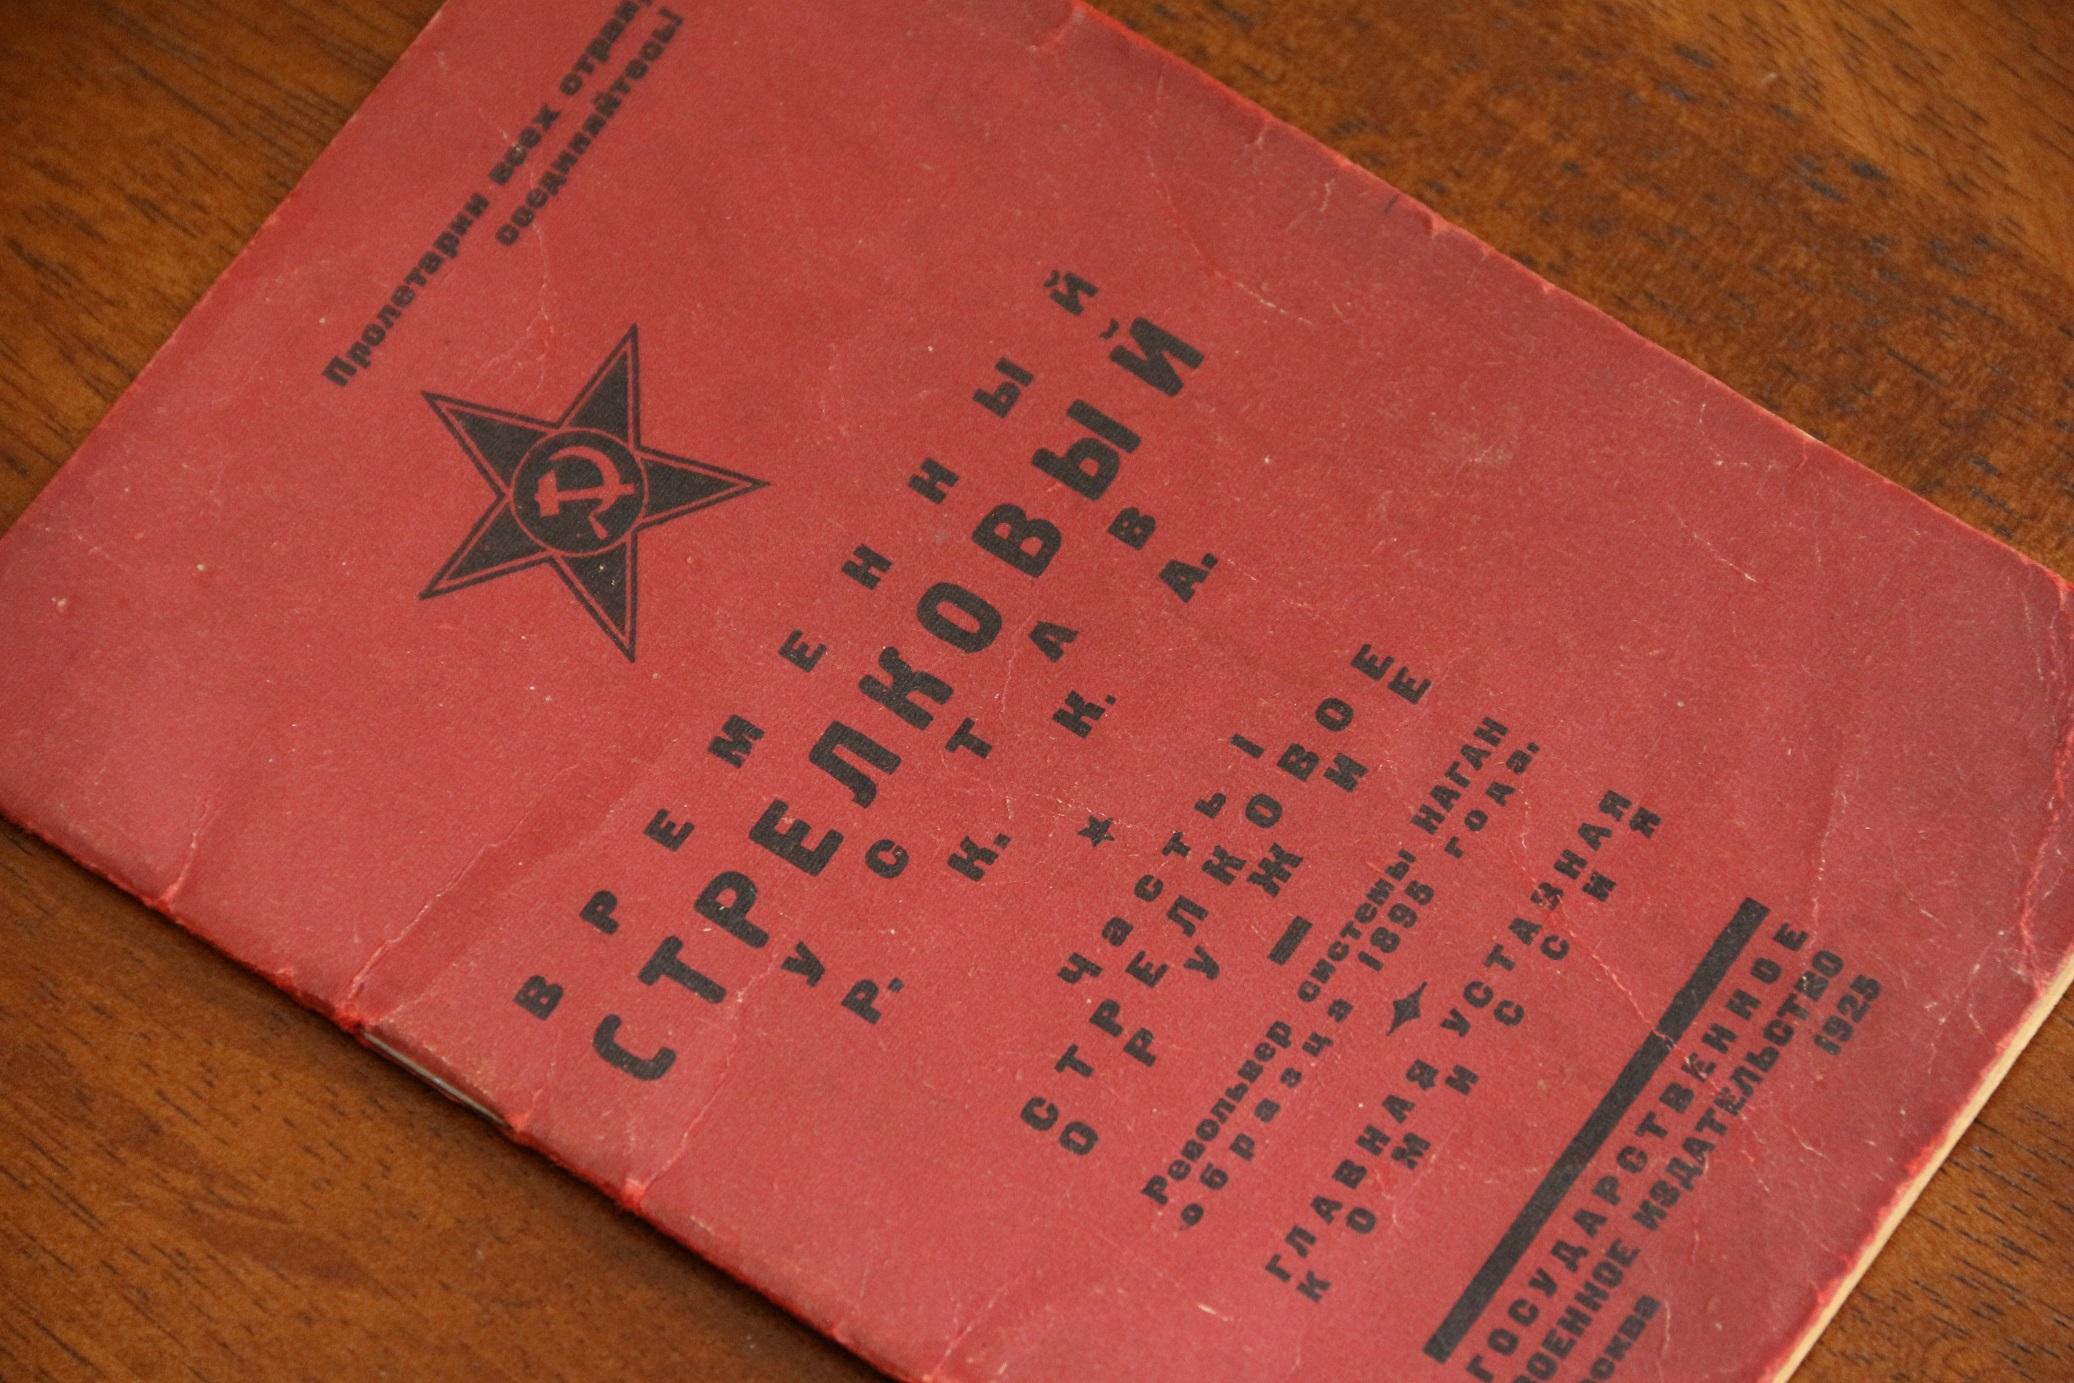 Фото Временный стрелковый устав РККА револьвер системы Наган 1925 год